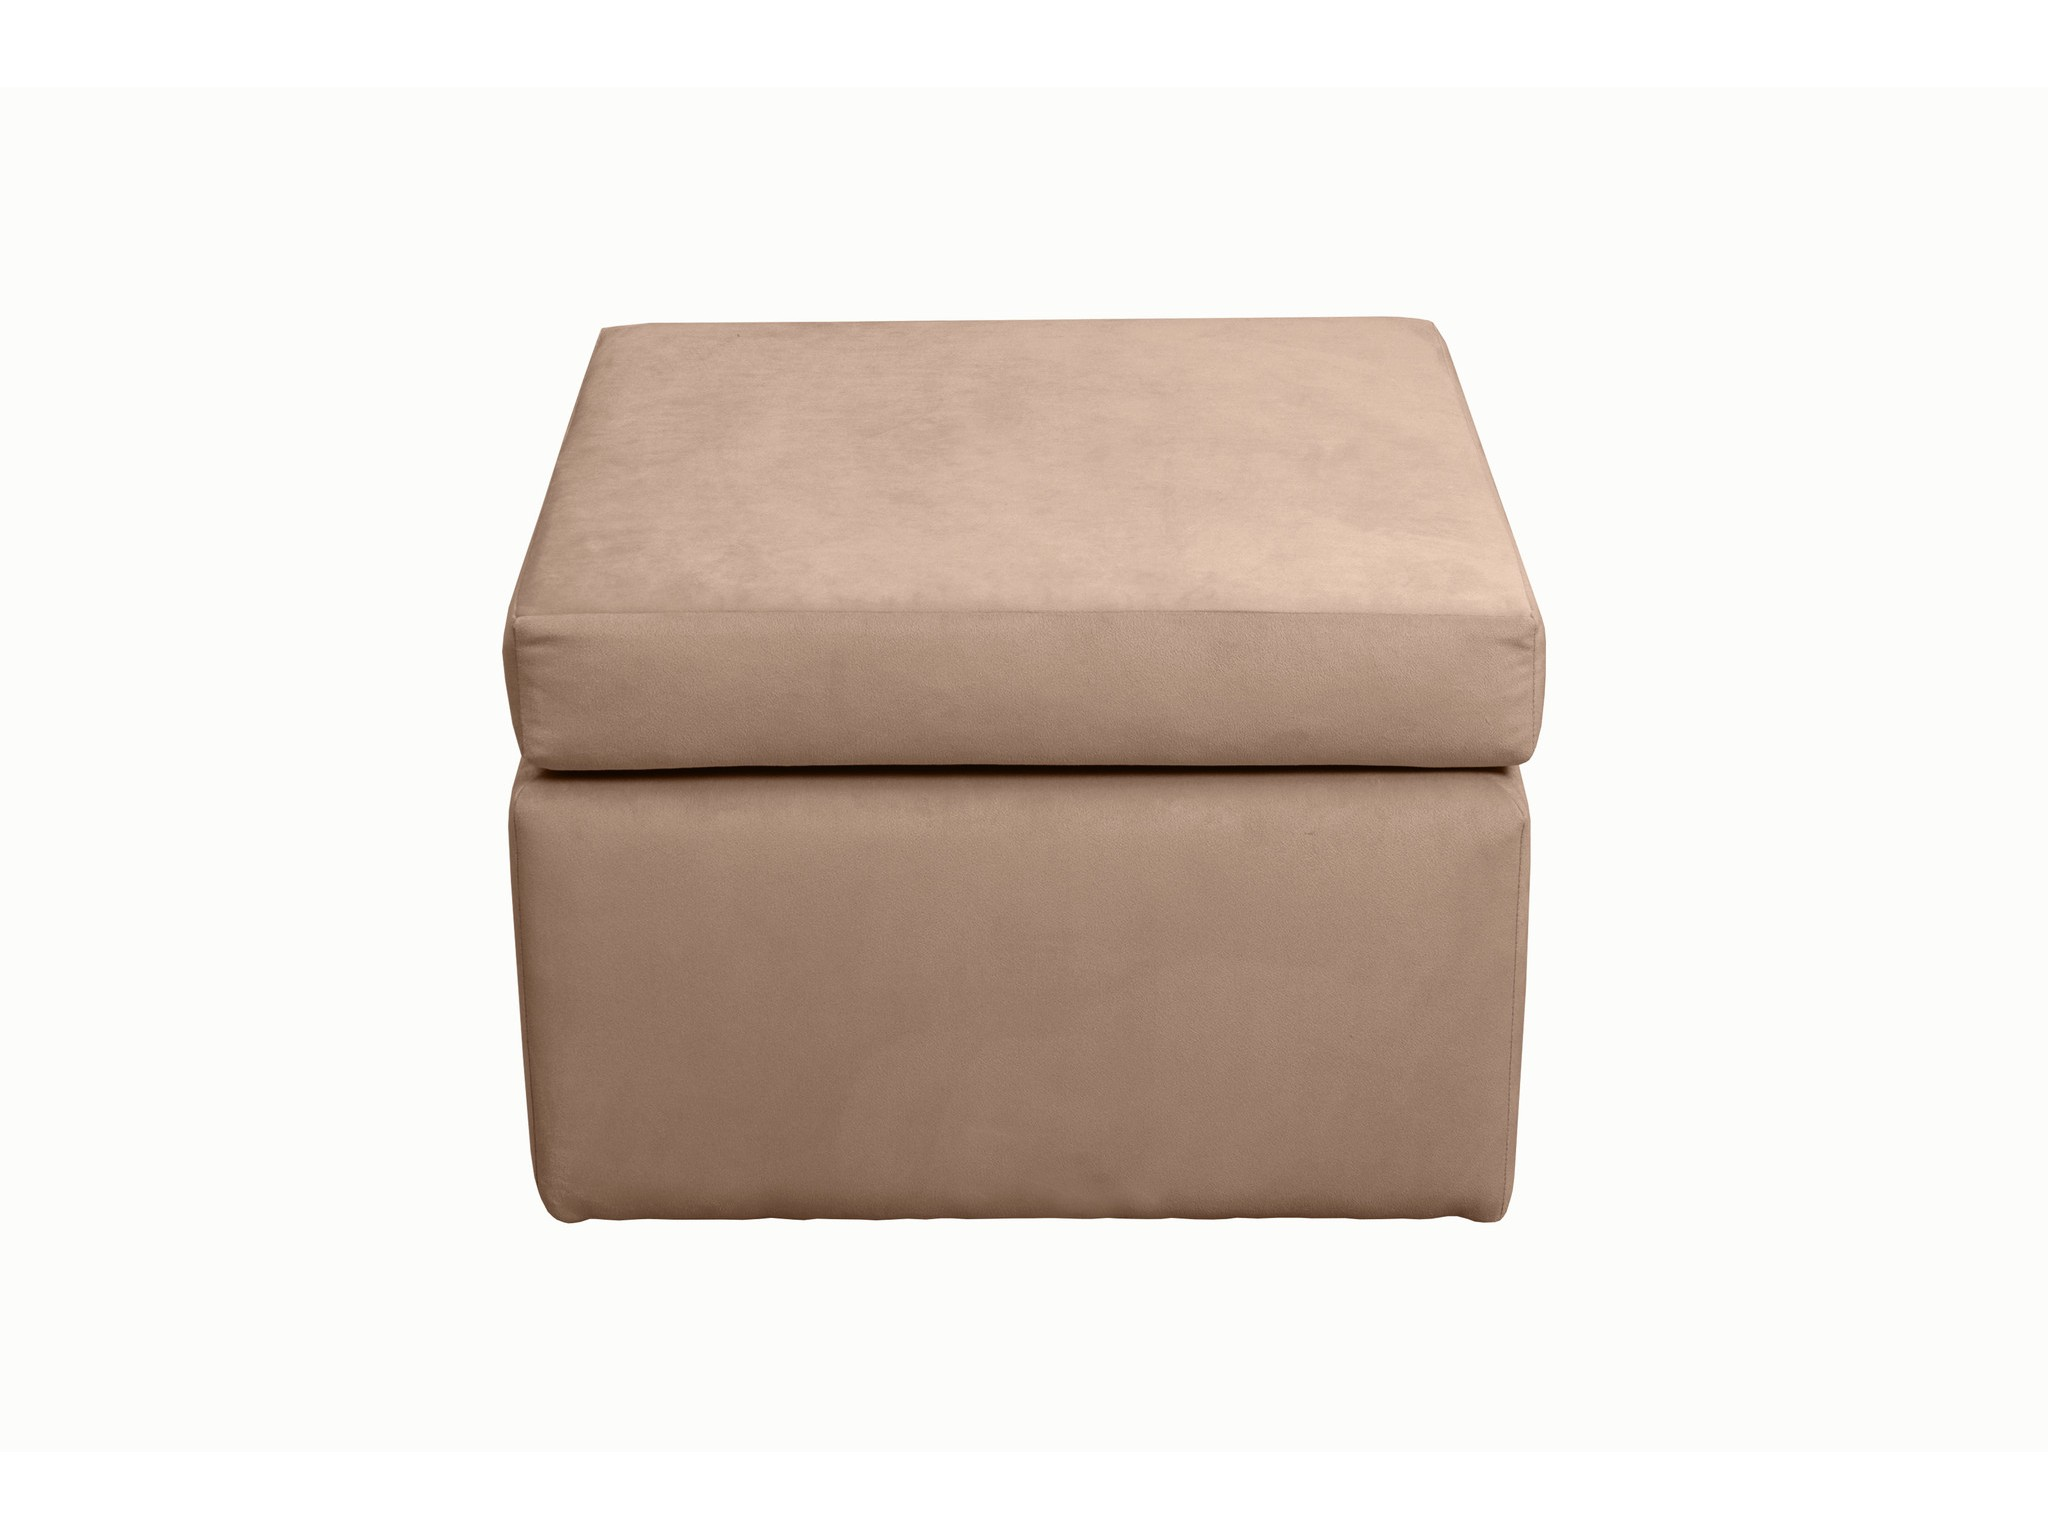 Каркасный пуфик SwedeФорменные пуфы<br>Очень устойчивый пуф на деревянной основе станет незаменимым предметом декора или функциональной мебелью в вашем доме. А эксклюзивные ткани добавят изюминку в ваше пространство.Материал: микровелюр<br><br>kit: None<br>gender: None